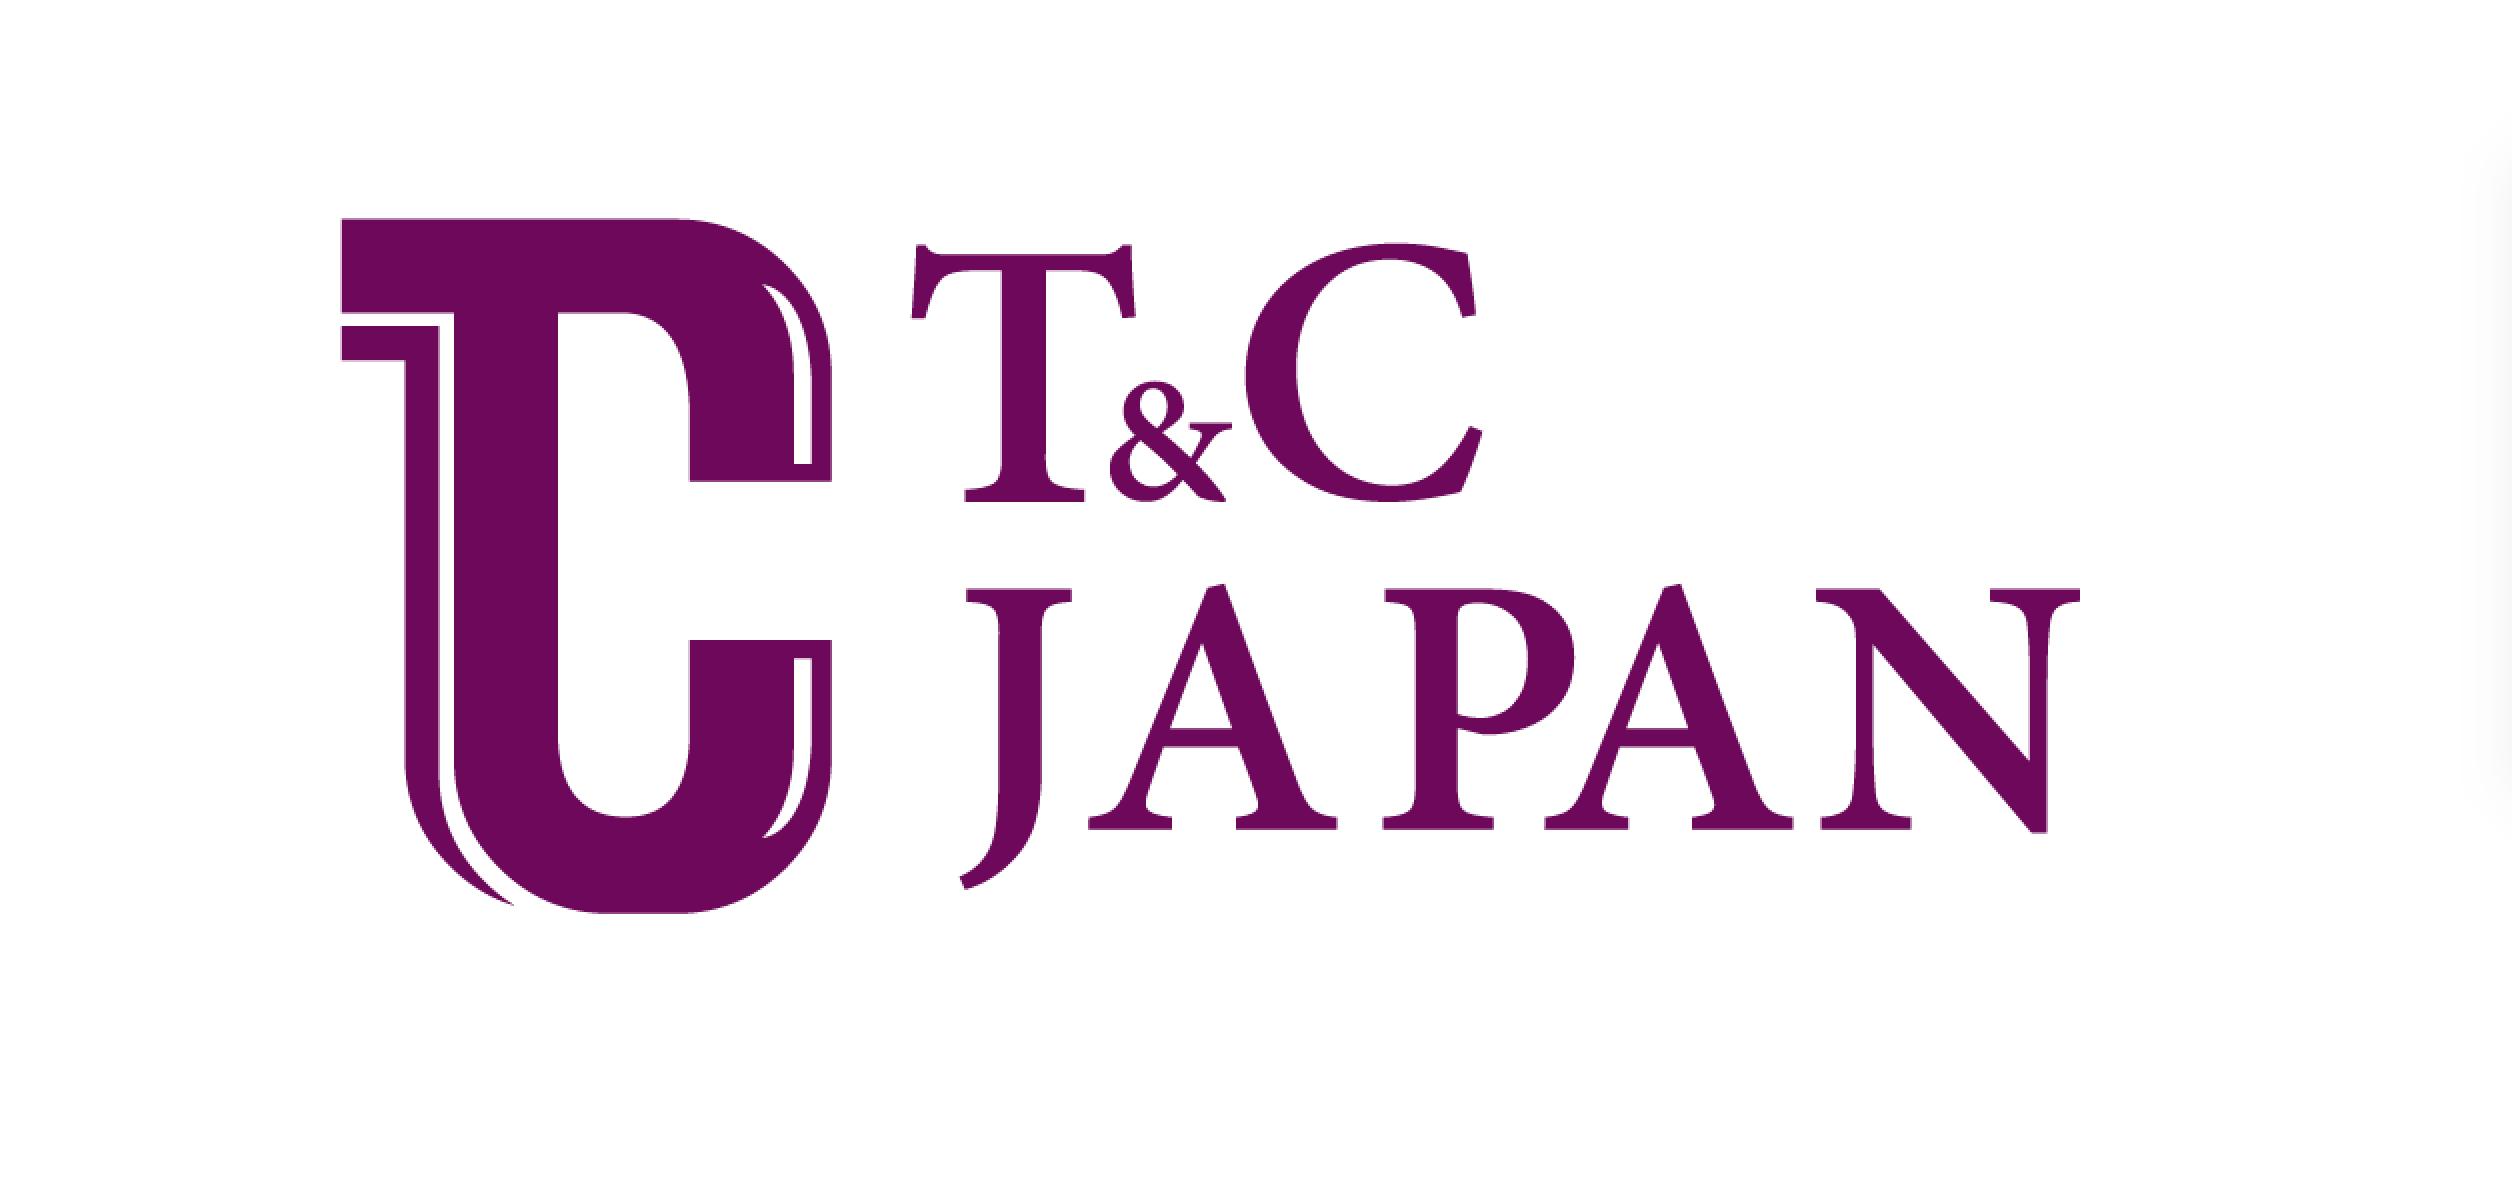 T&C JAPAN LOGO